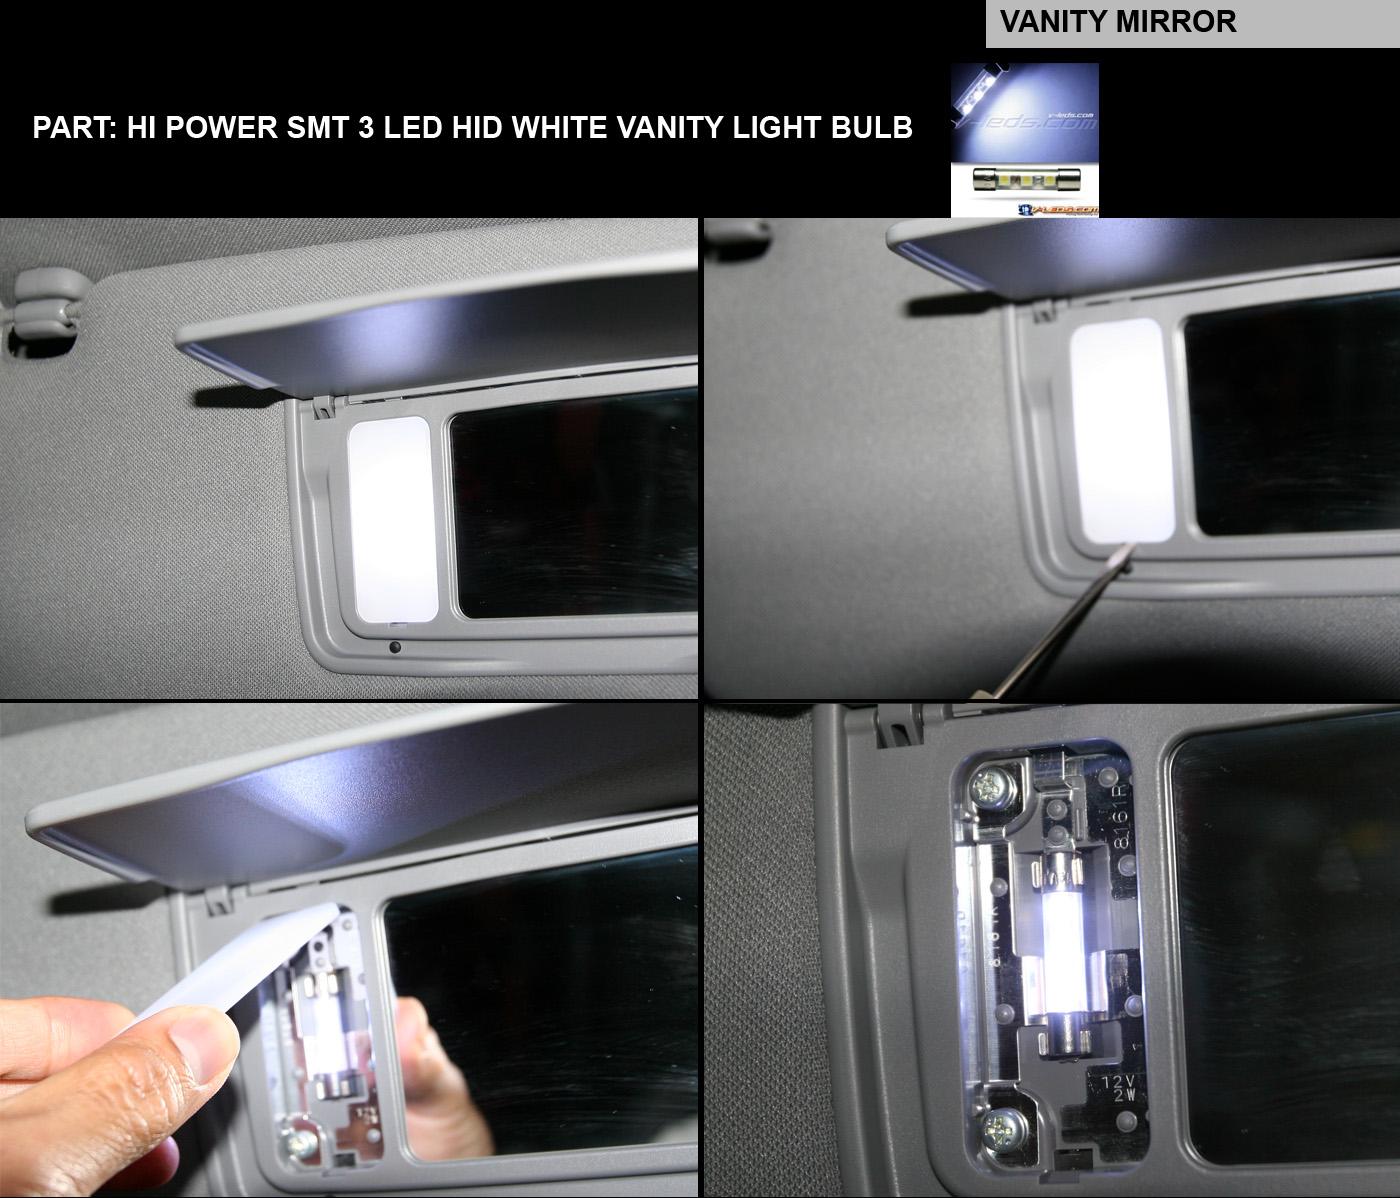 DIY: 2nd Gen Interior LED/SMT Mod